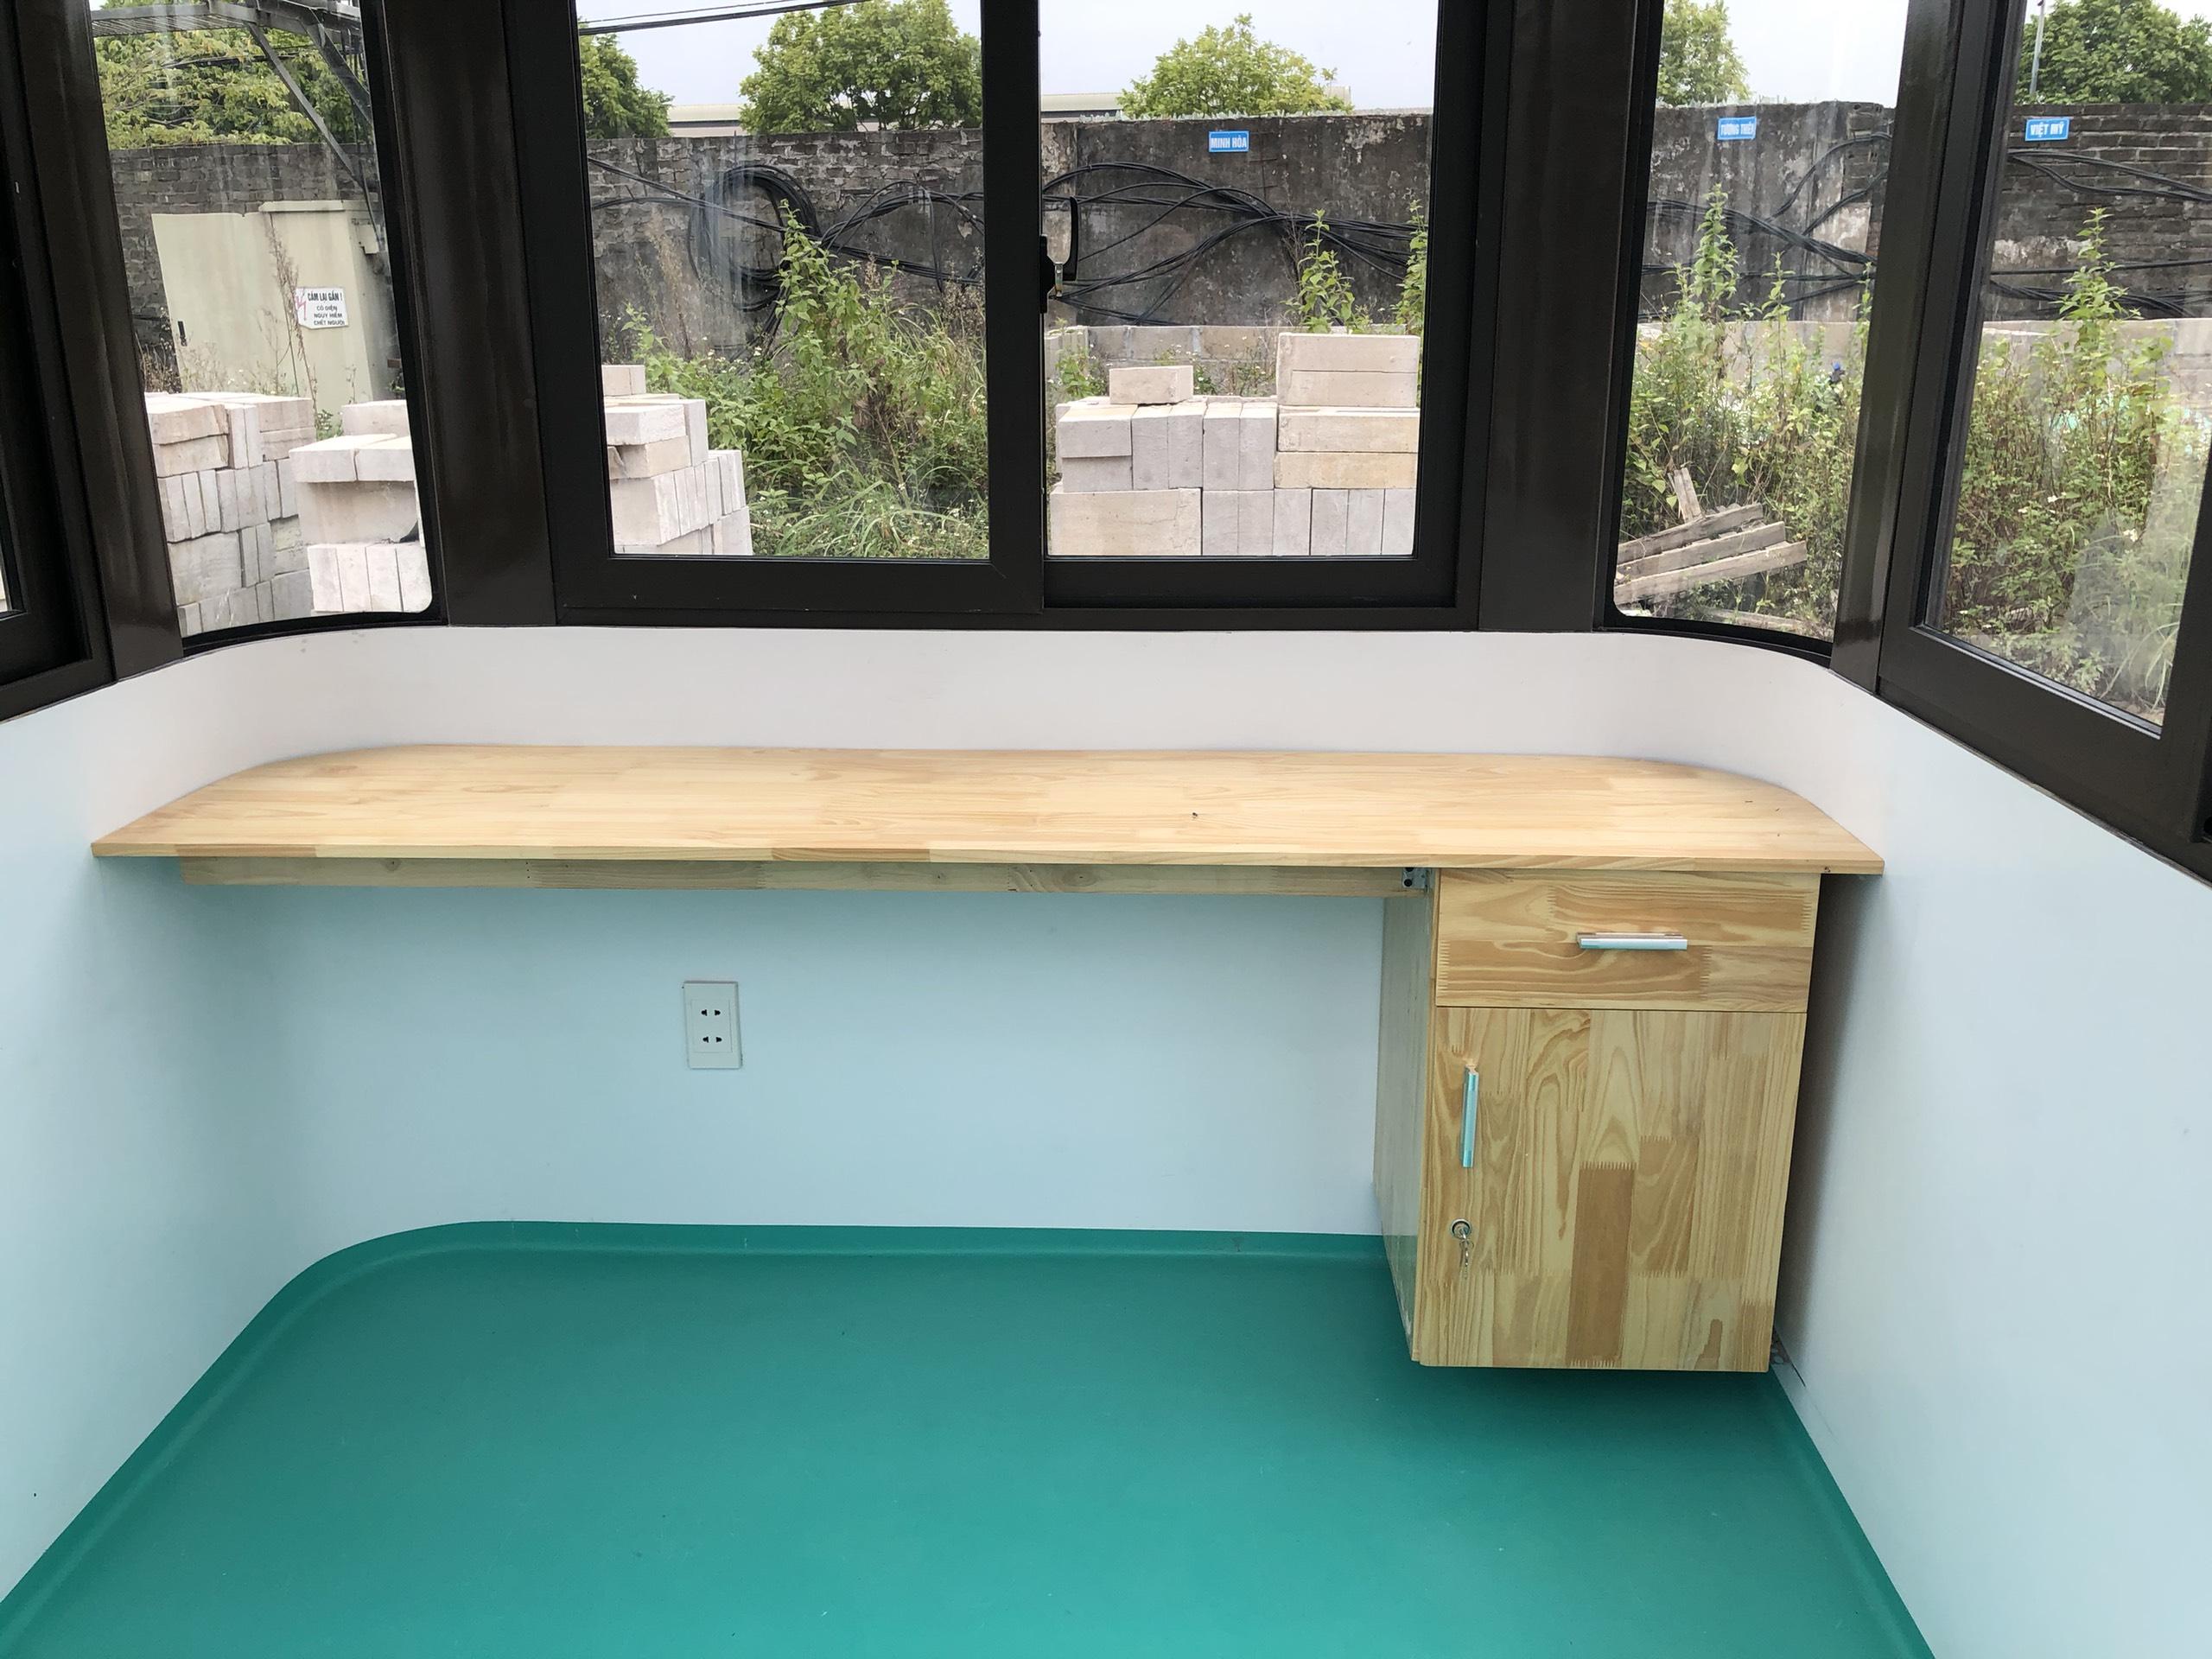 Nhà bảo vệ VS2x2 cũng được trang bị bàn làm việc bằng gỗ tự nhiên